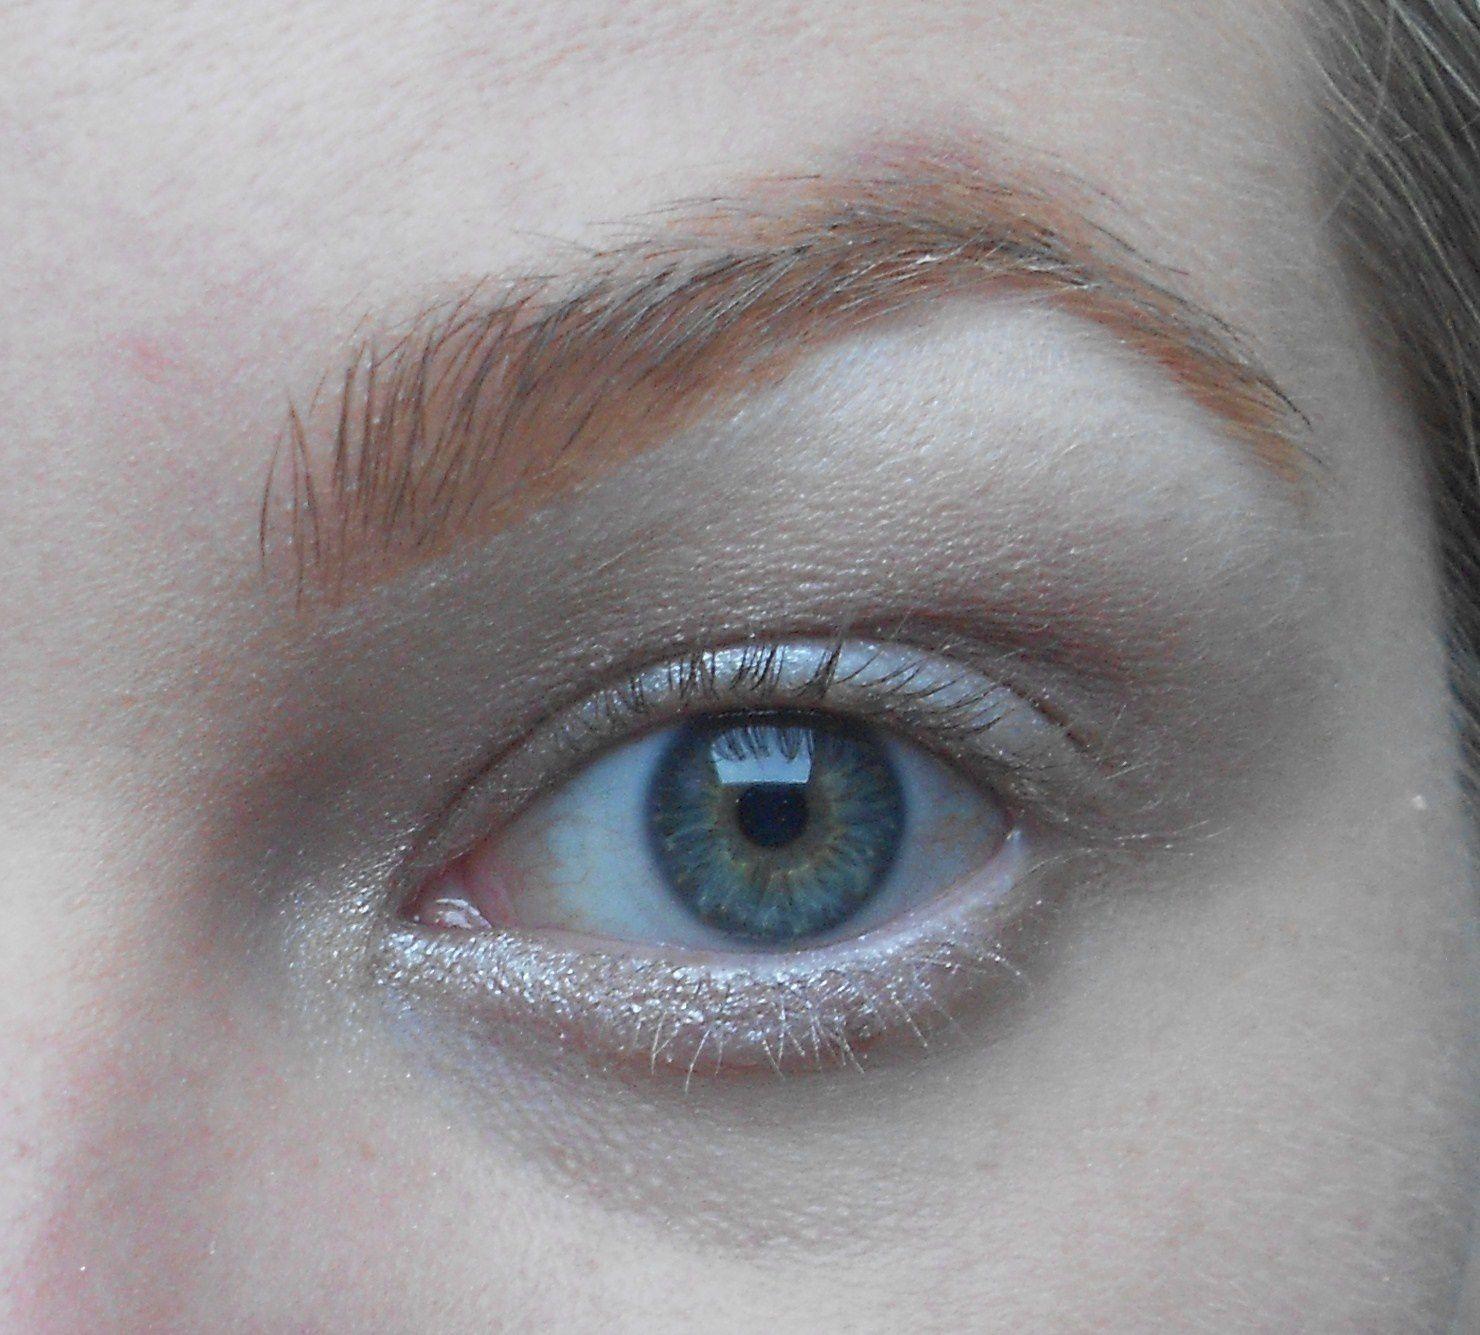 Avec un pinceau biseauté on reprend la couleur Verve et on l'applique en ras de cil inférieur jusqu'à la moitier de l'oeil.